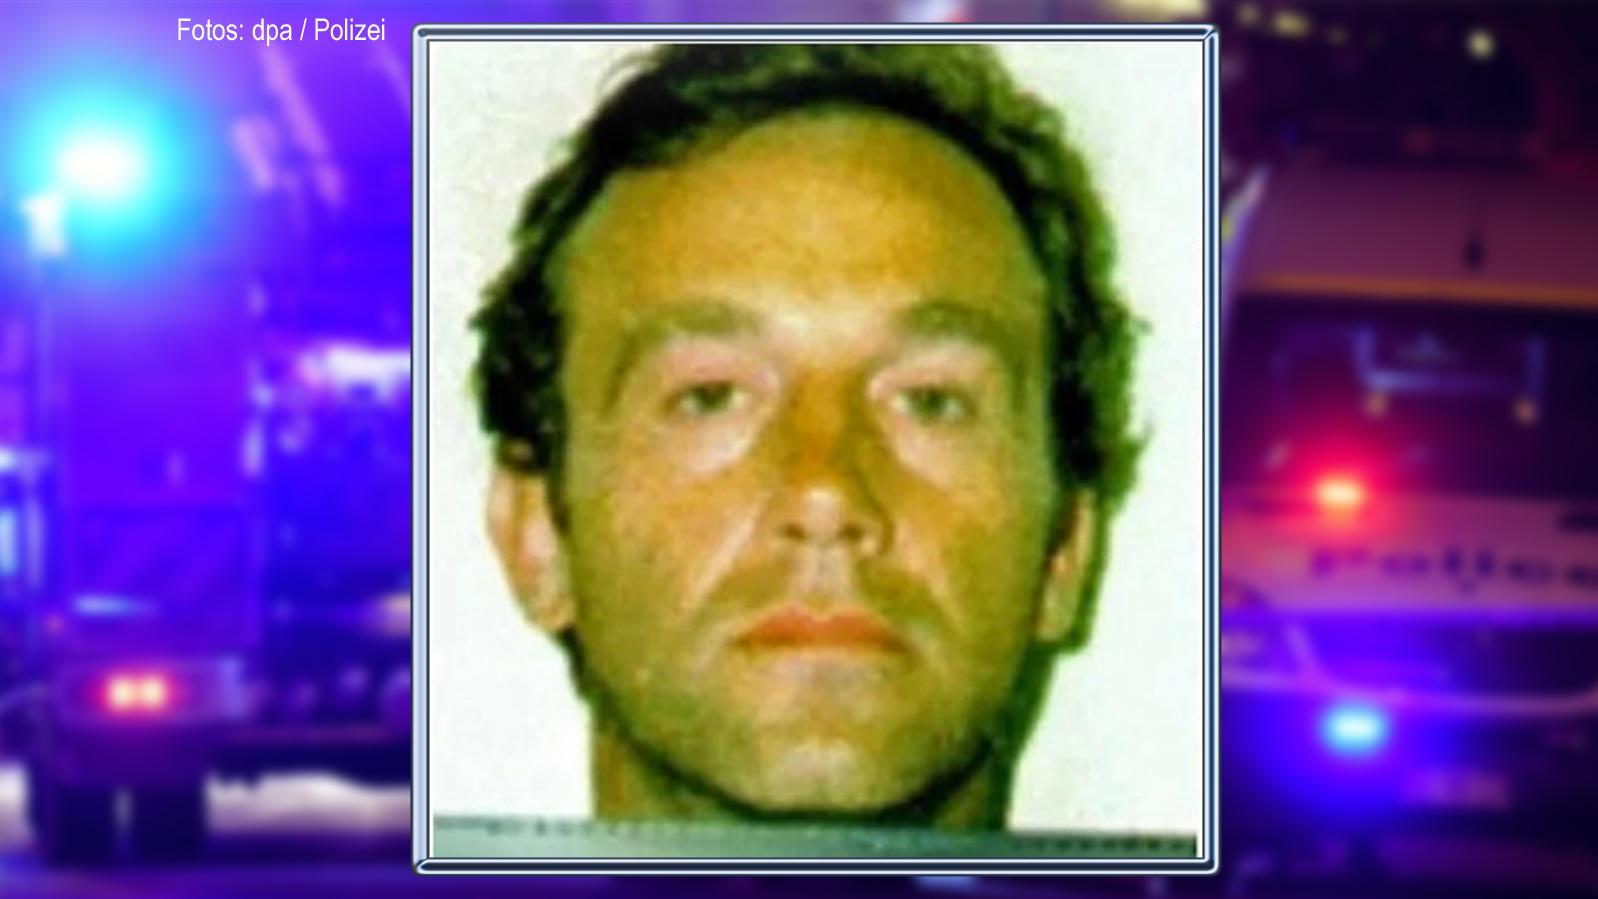 Ein Polizeifoto von Darko D. aus dem Jahr 1992.